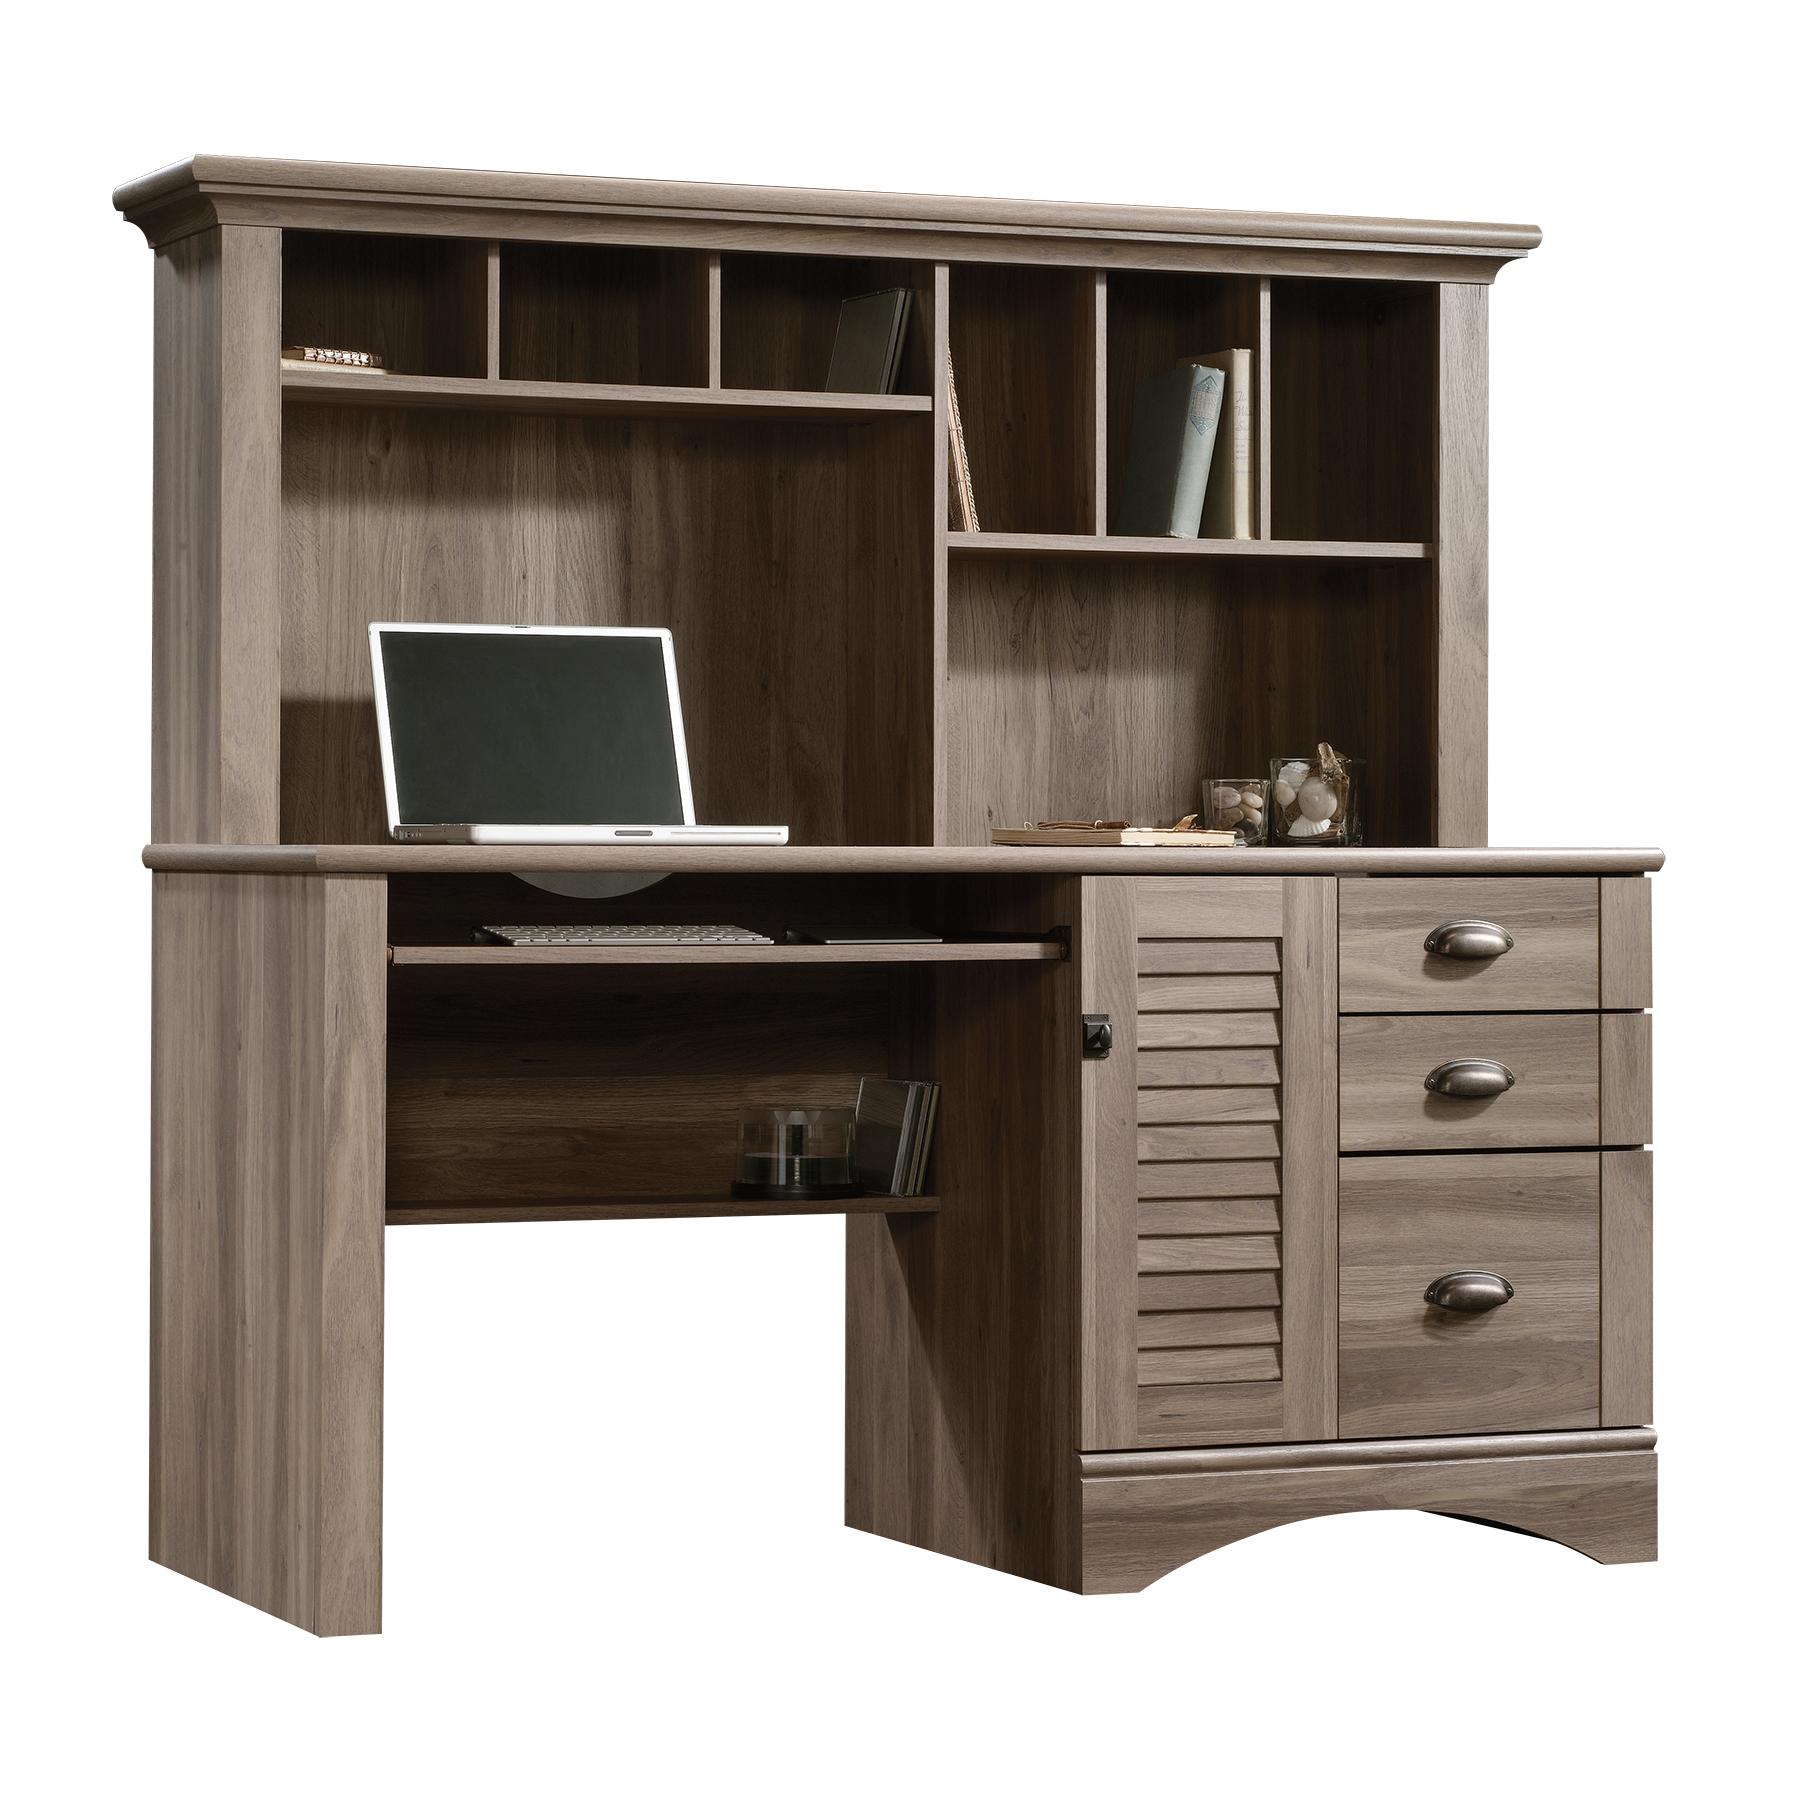 Sauder Harbor View Computer Desk wHutch  Shop Your Way